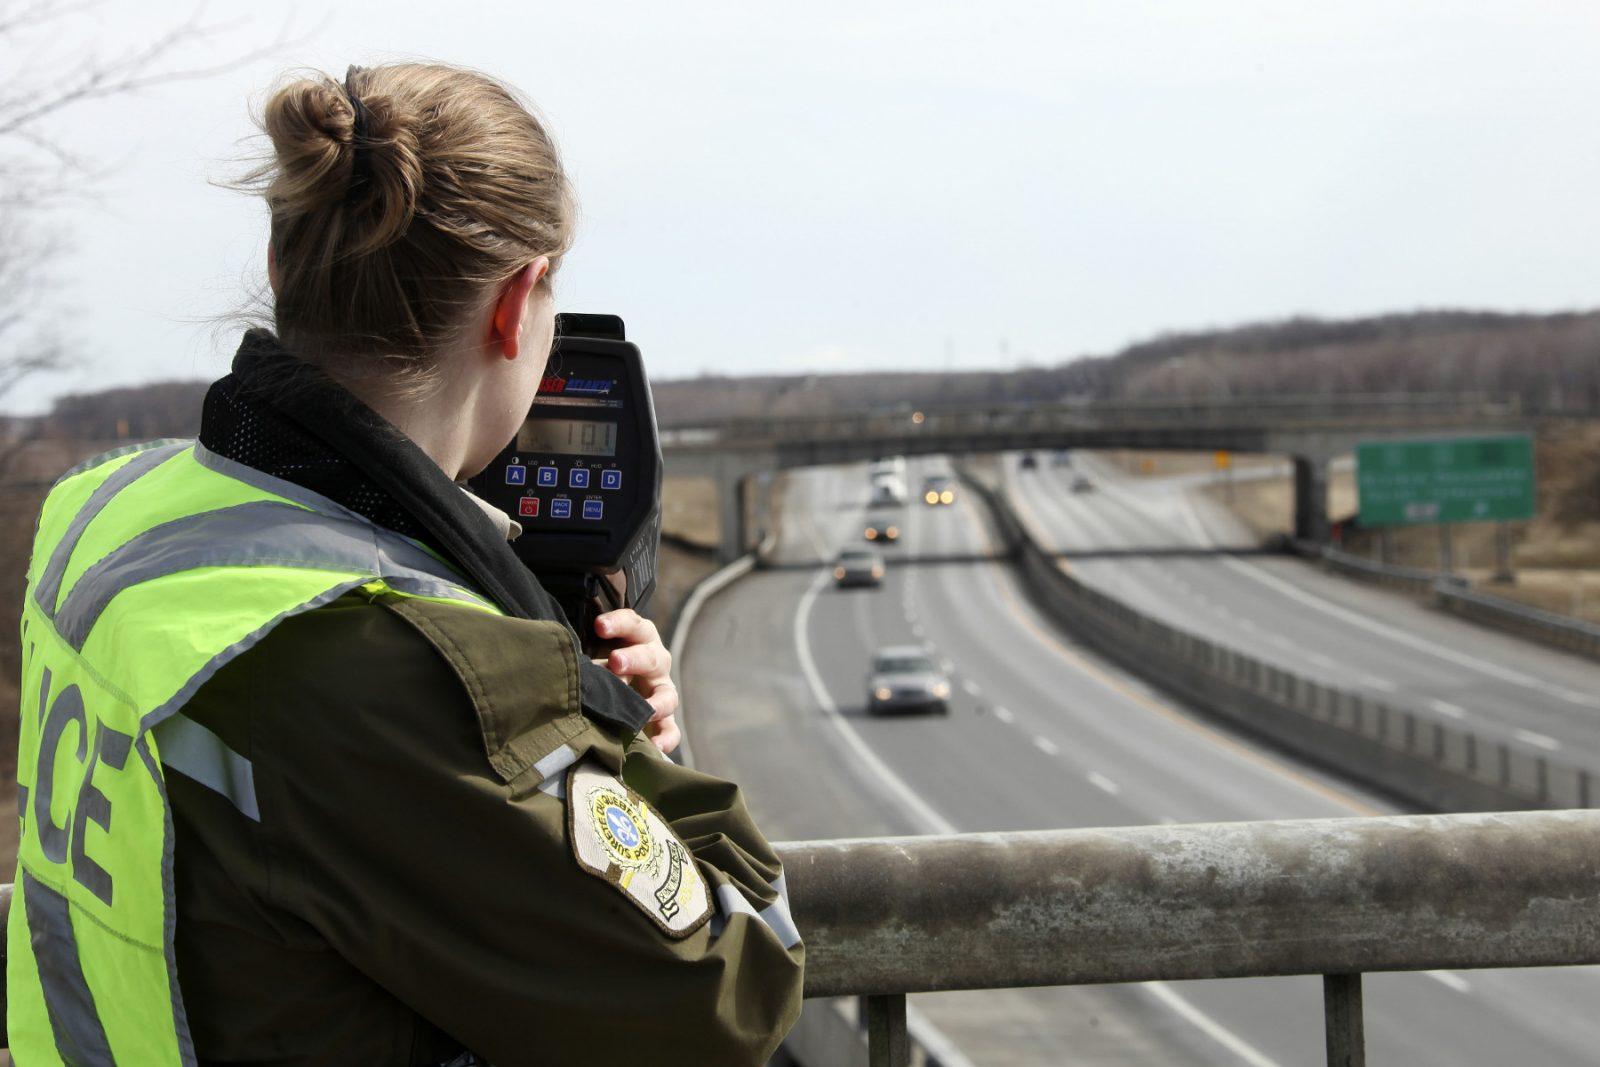 Vitesse au volant : les policiers mènent une opération nationale concertée